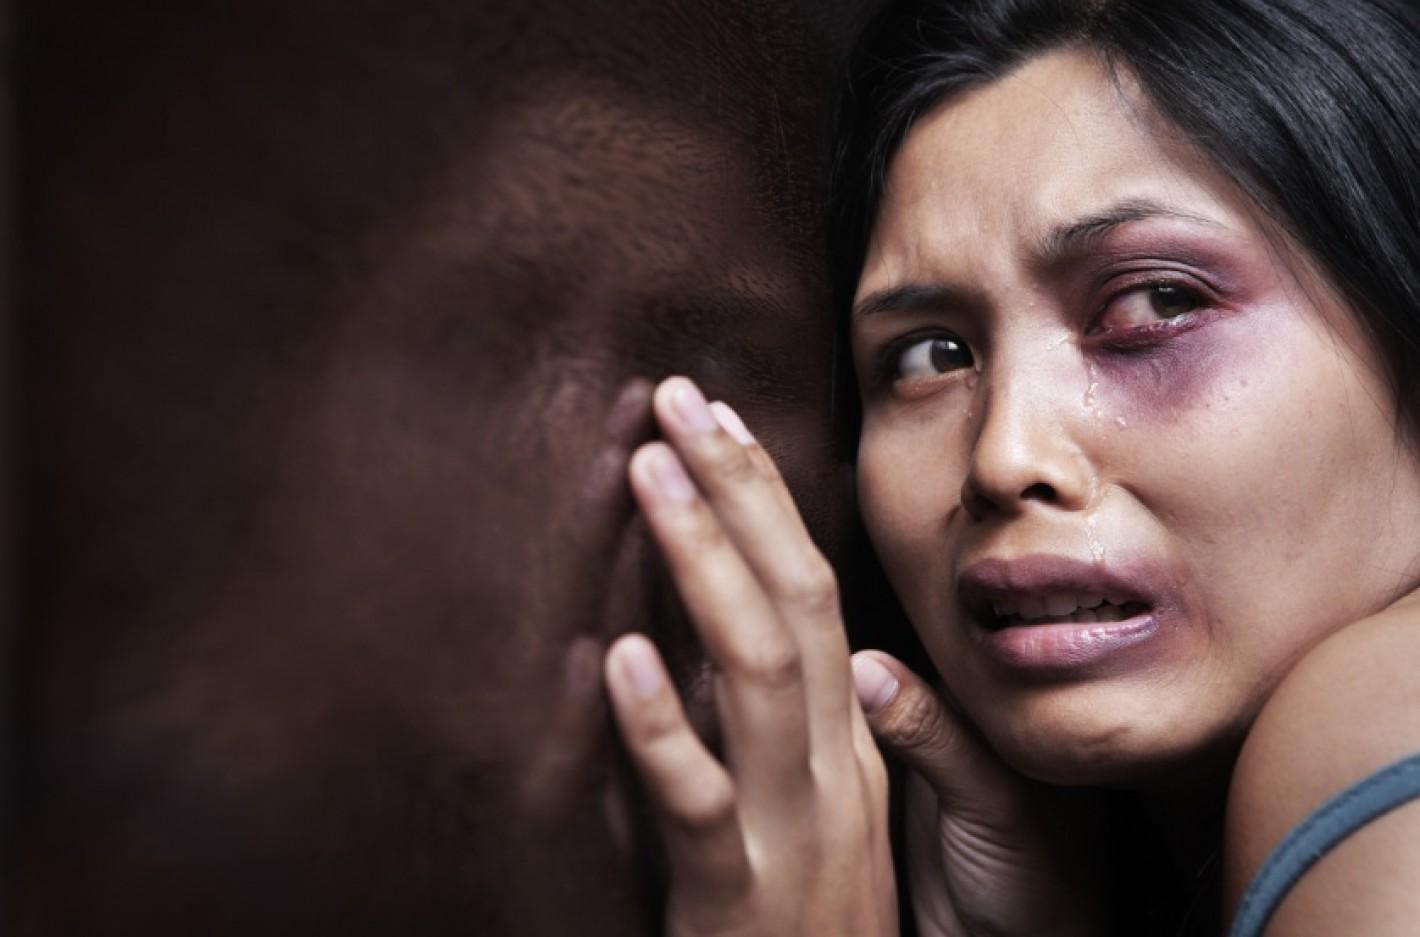 Hoy se celebra El Día Internacional de la Eliminación de la Violencia contra la Mujer